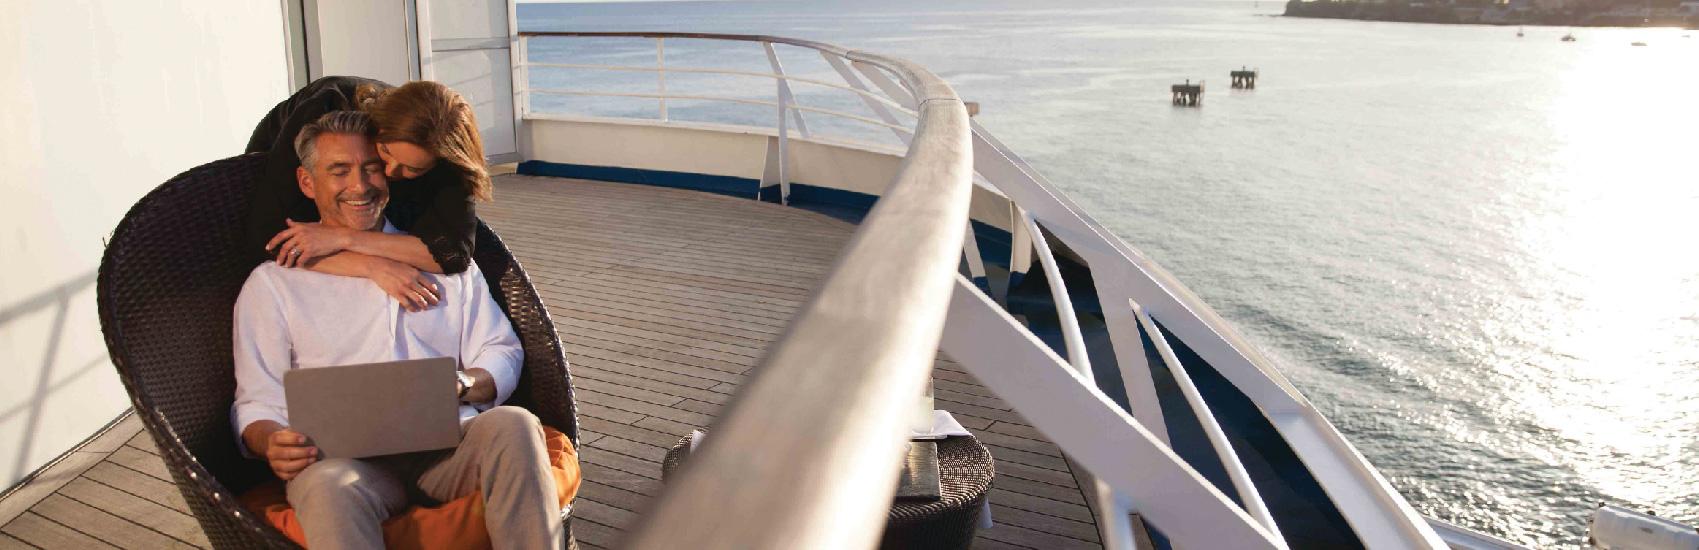 Days of Bonus Savings and Free Air with Silversea 3